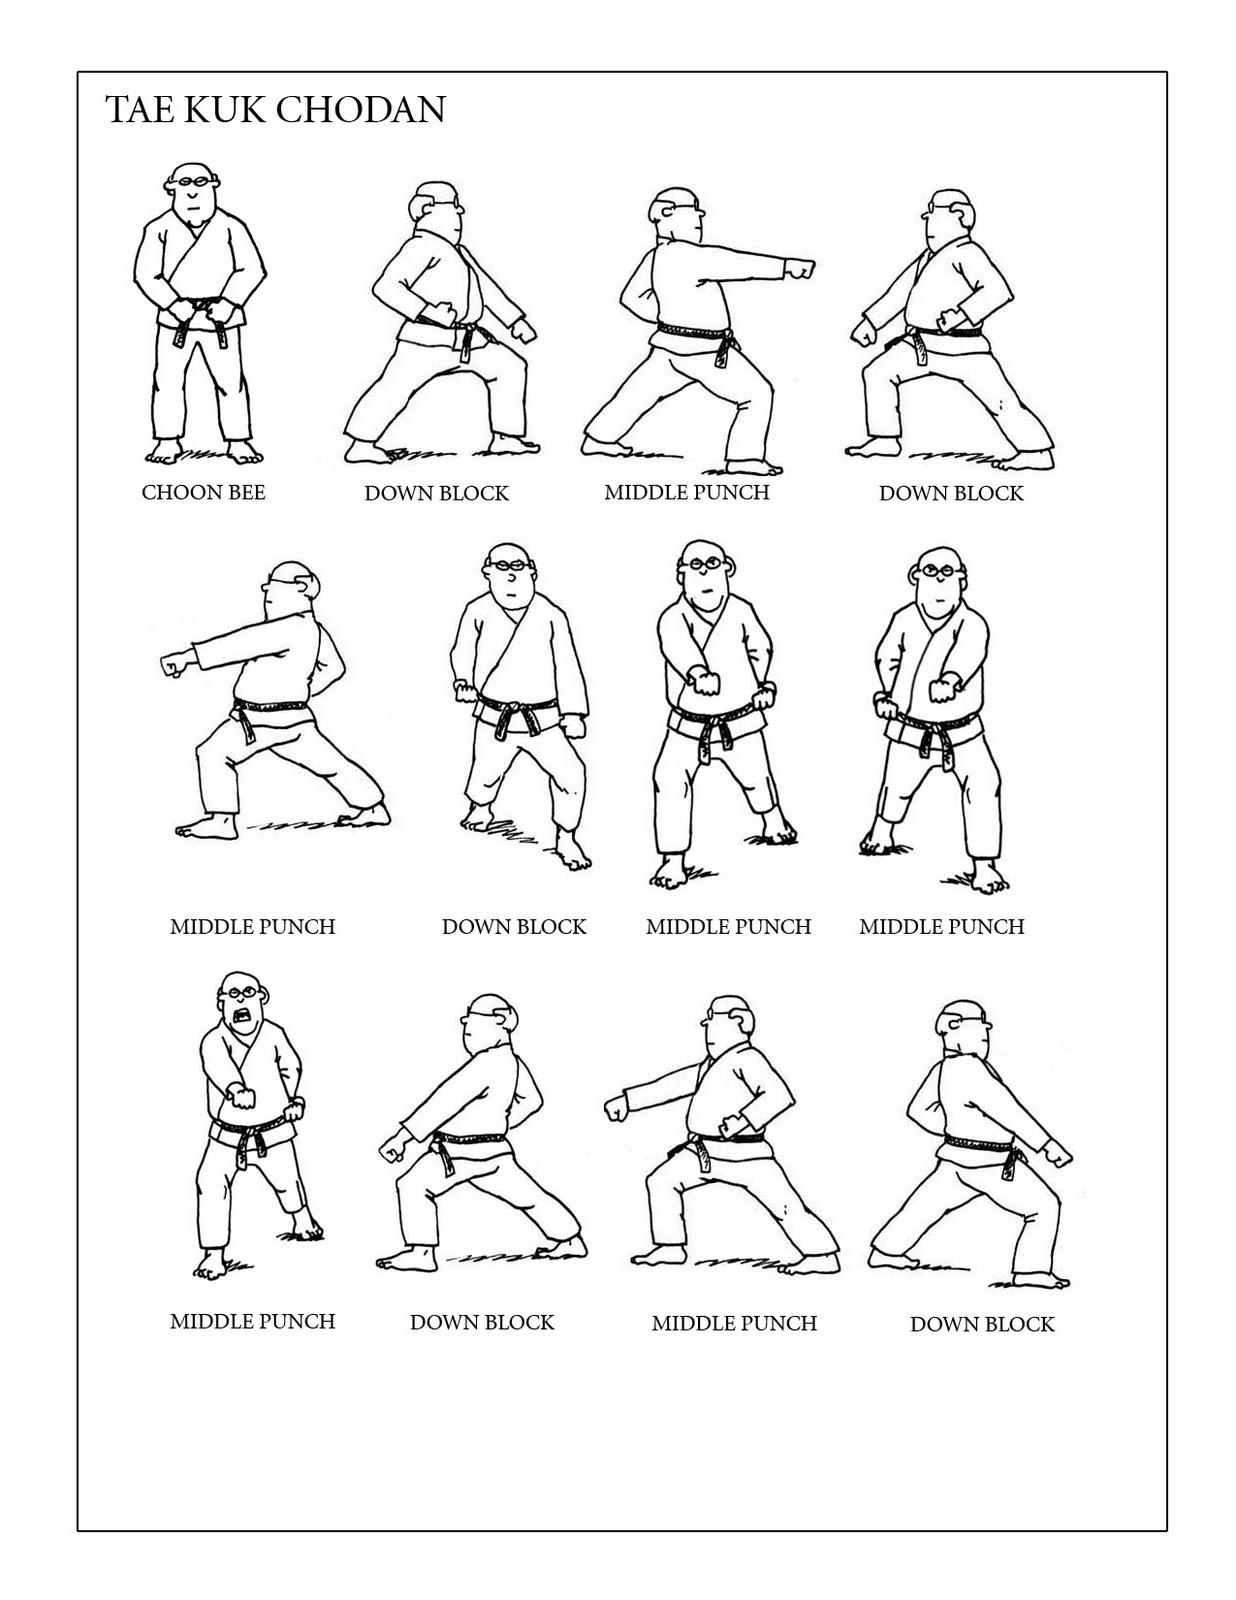 Prairie Martial Arts: Tae Kuk Chodan